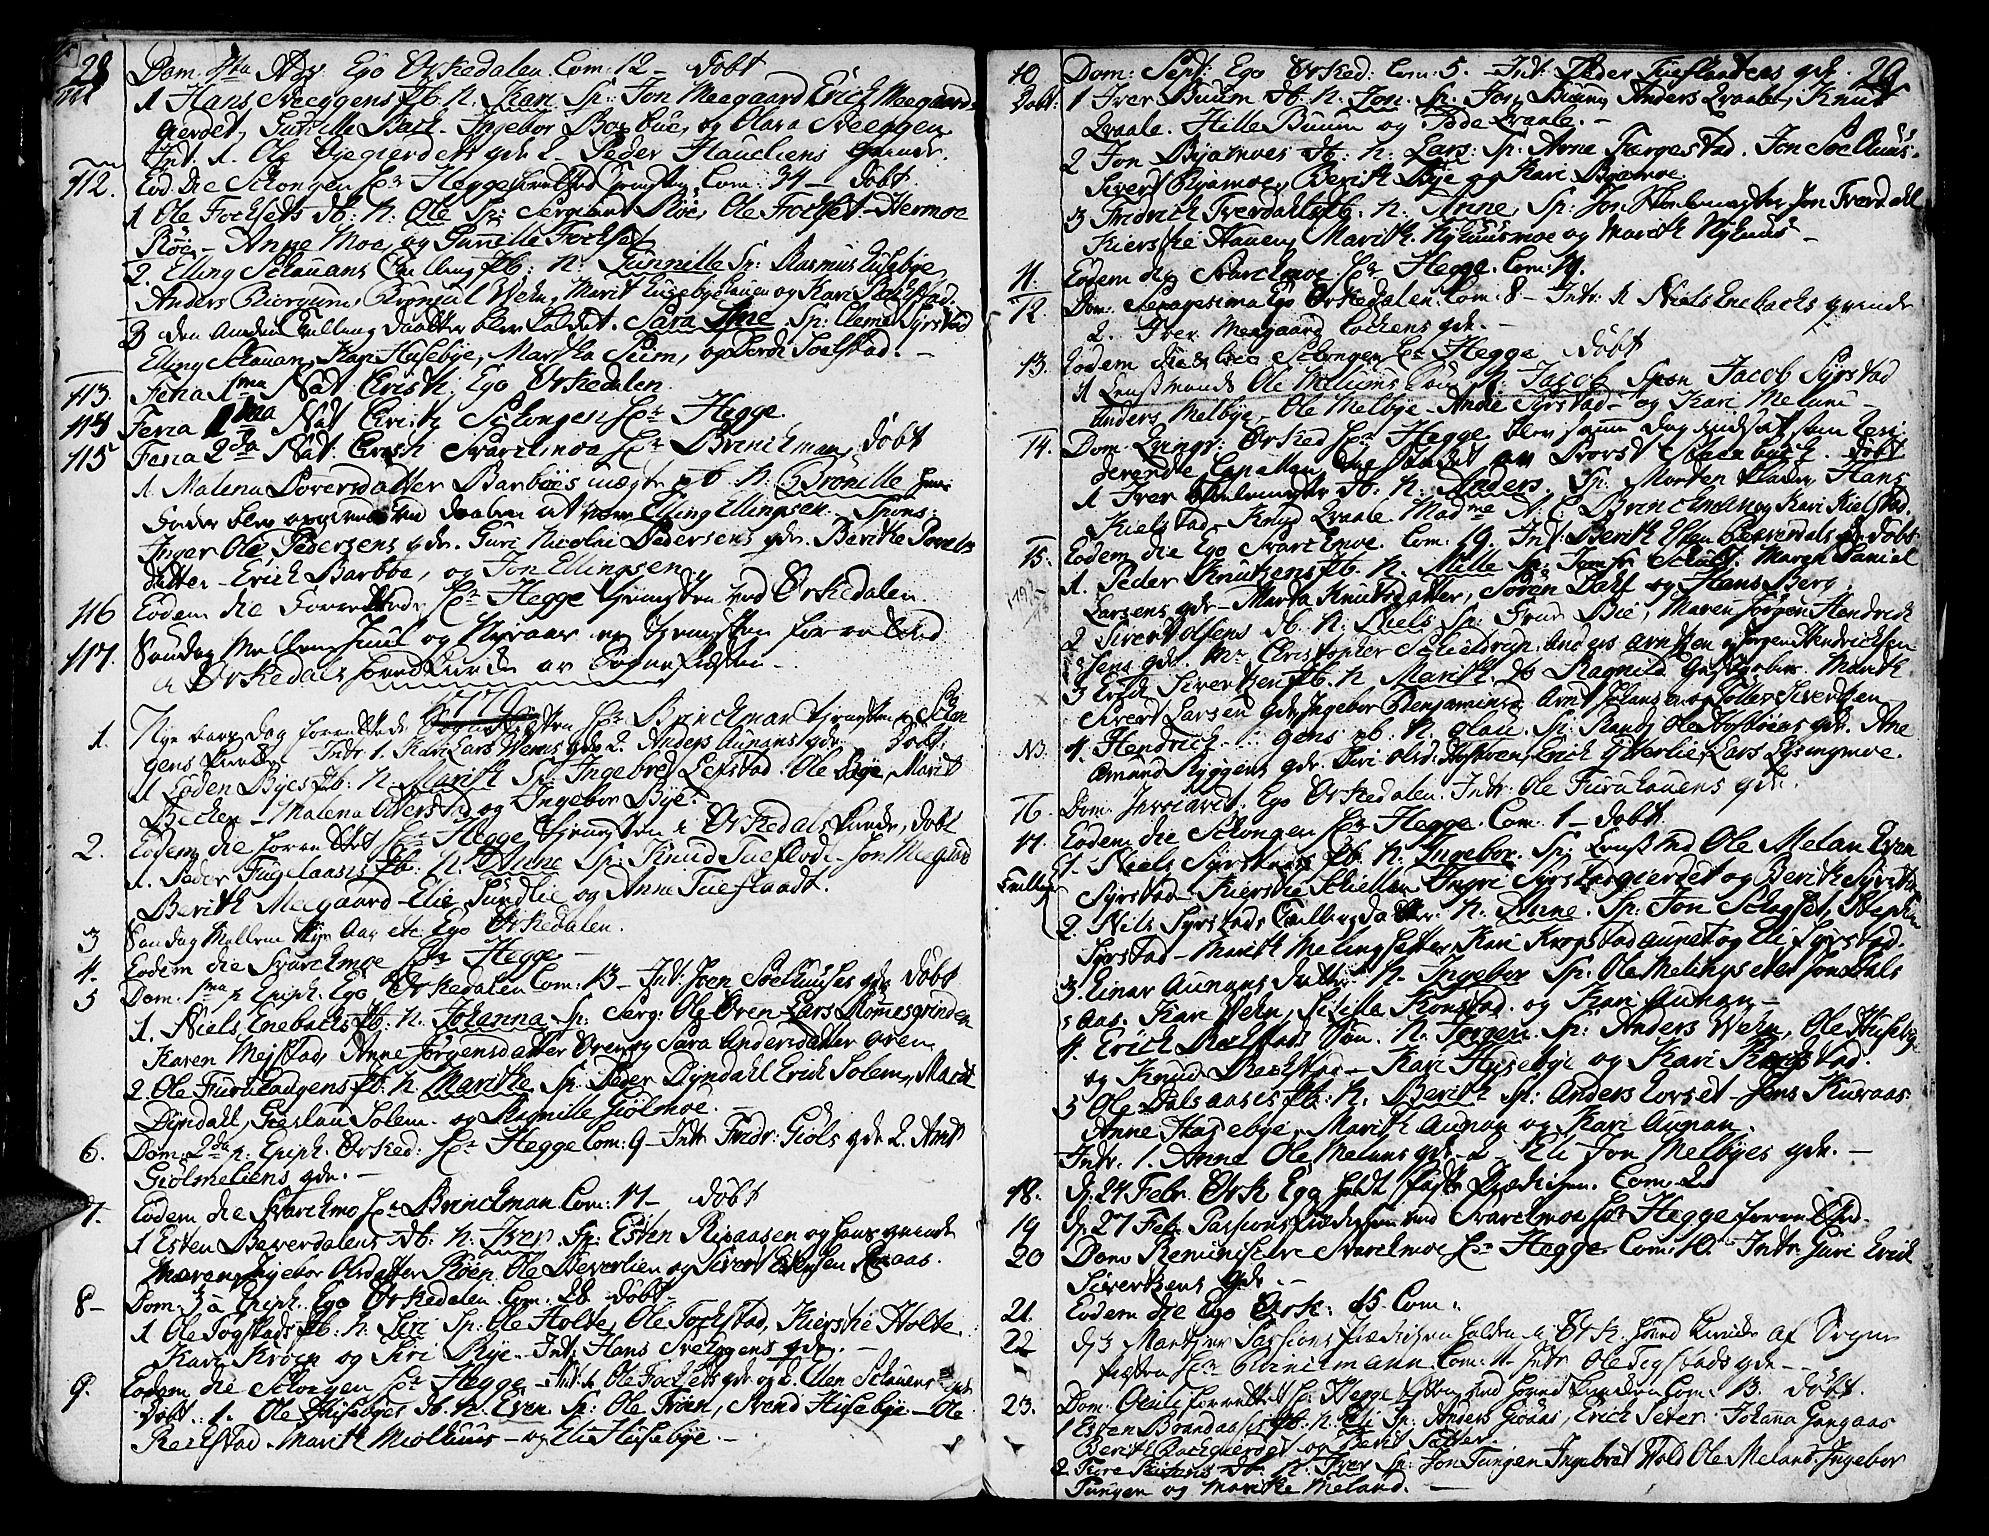 SAT, Ministerialprotokoller, klokkerbøker og fødselsregistre - Sør-Trøndelag, 668/L0802: Ministerialbok nr. 668A02, 1776-1799, s. 28-29